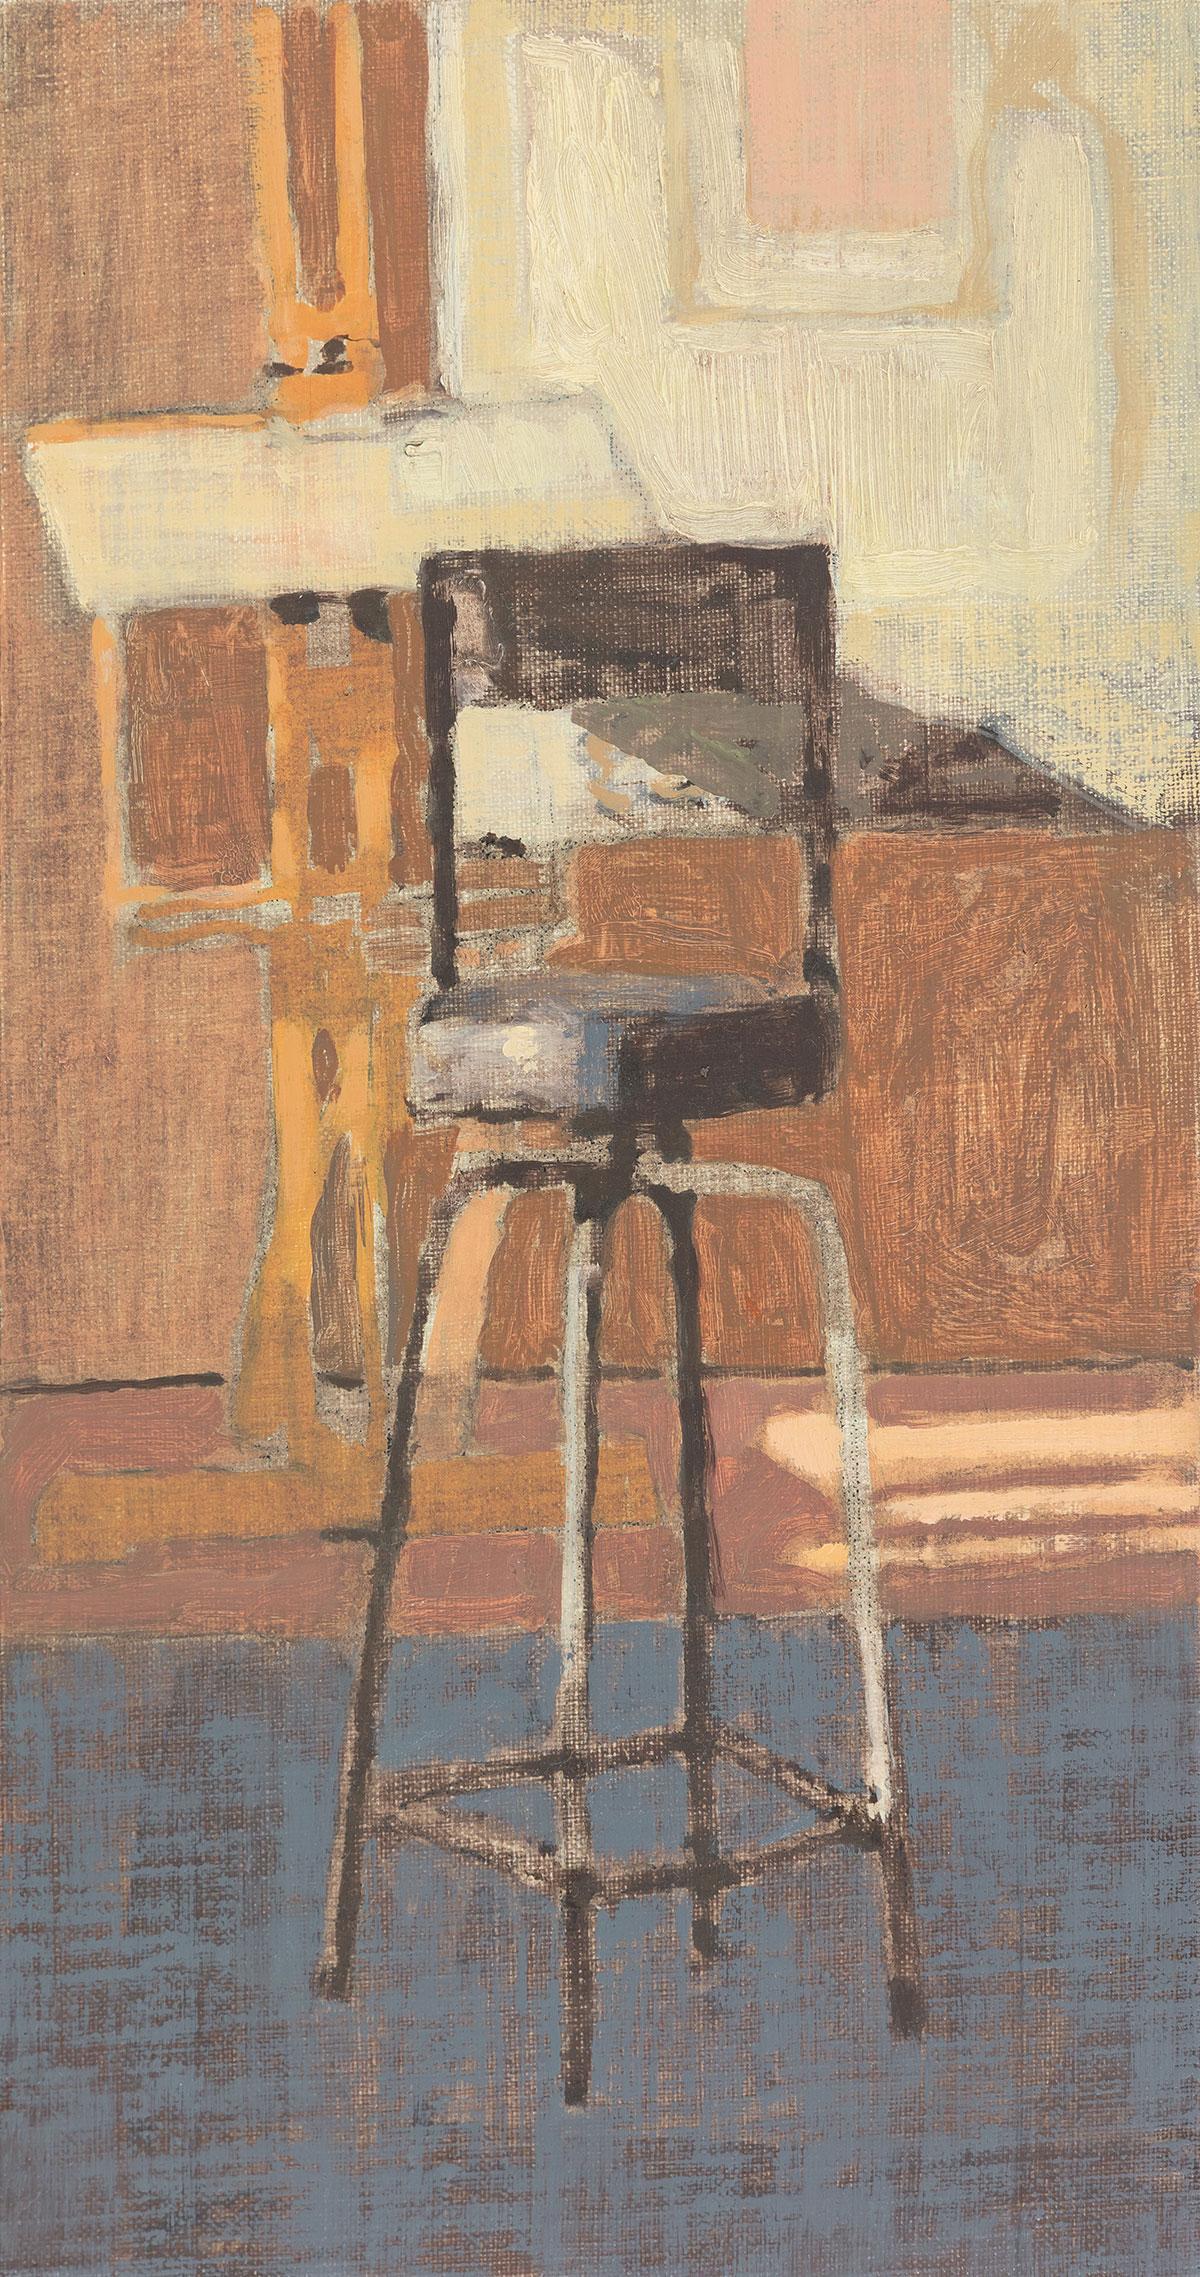 - Studio with Blue Floor, 2017